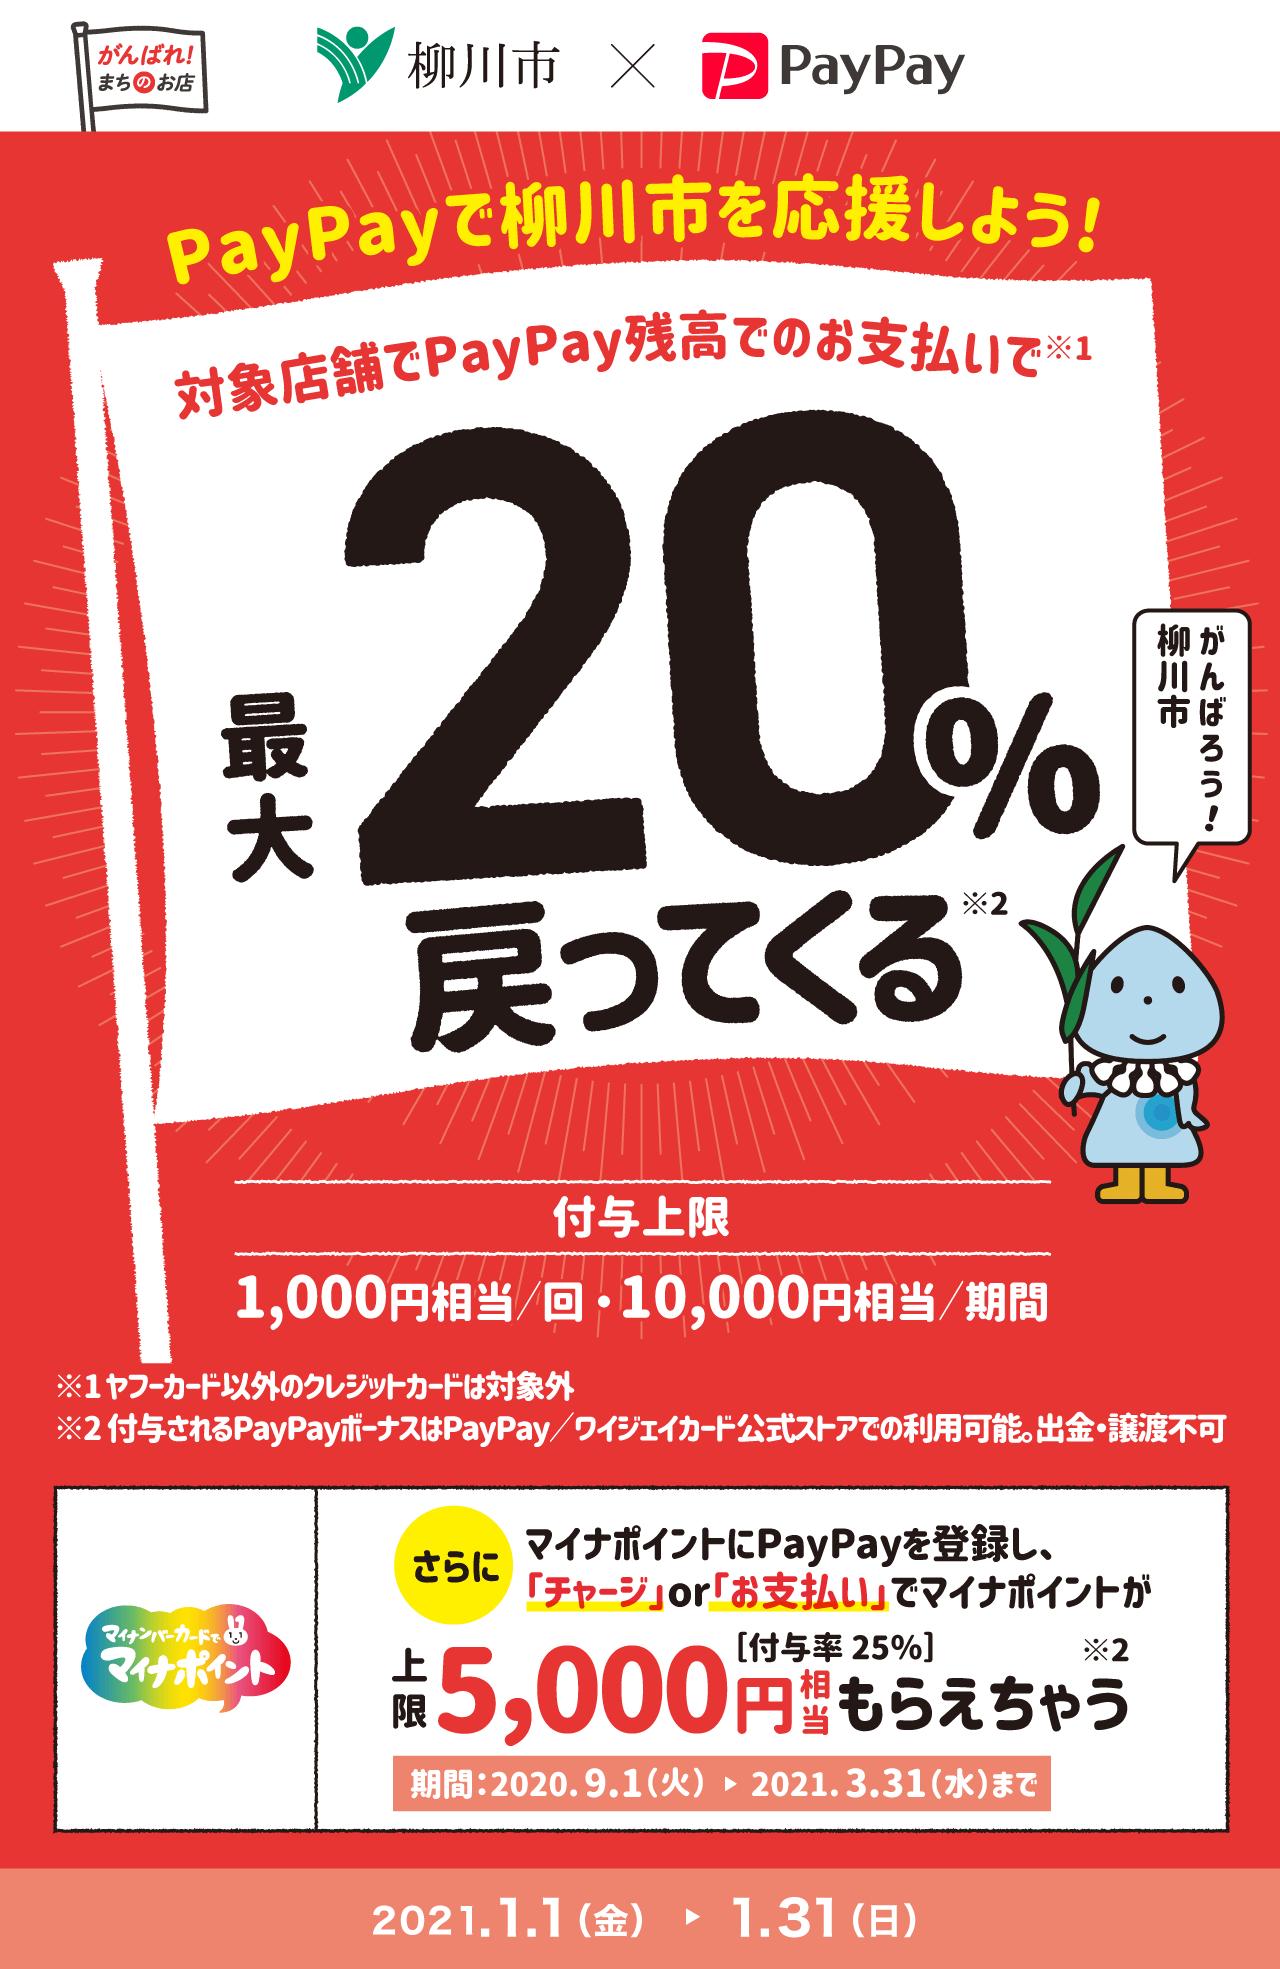 PayPayで柳川市を応援しよう! 対象店舗でPayPay残高でのお支払いで 最大20%戻ってくる